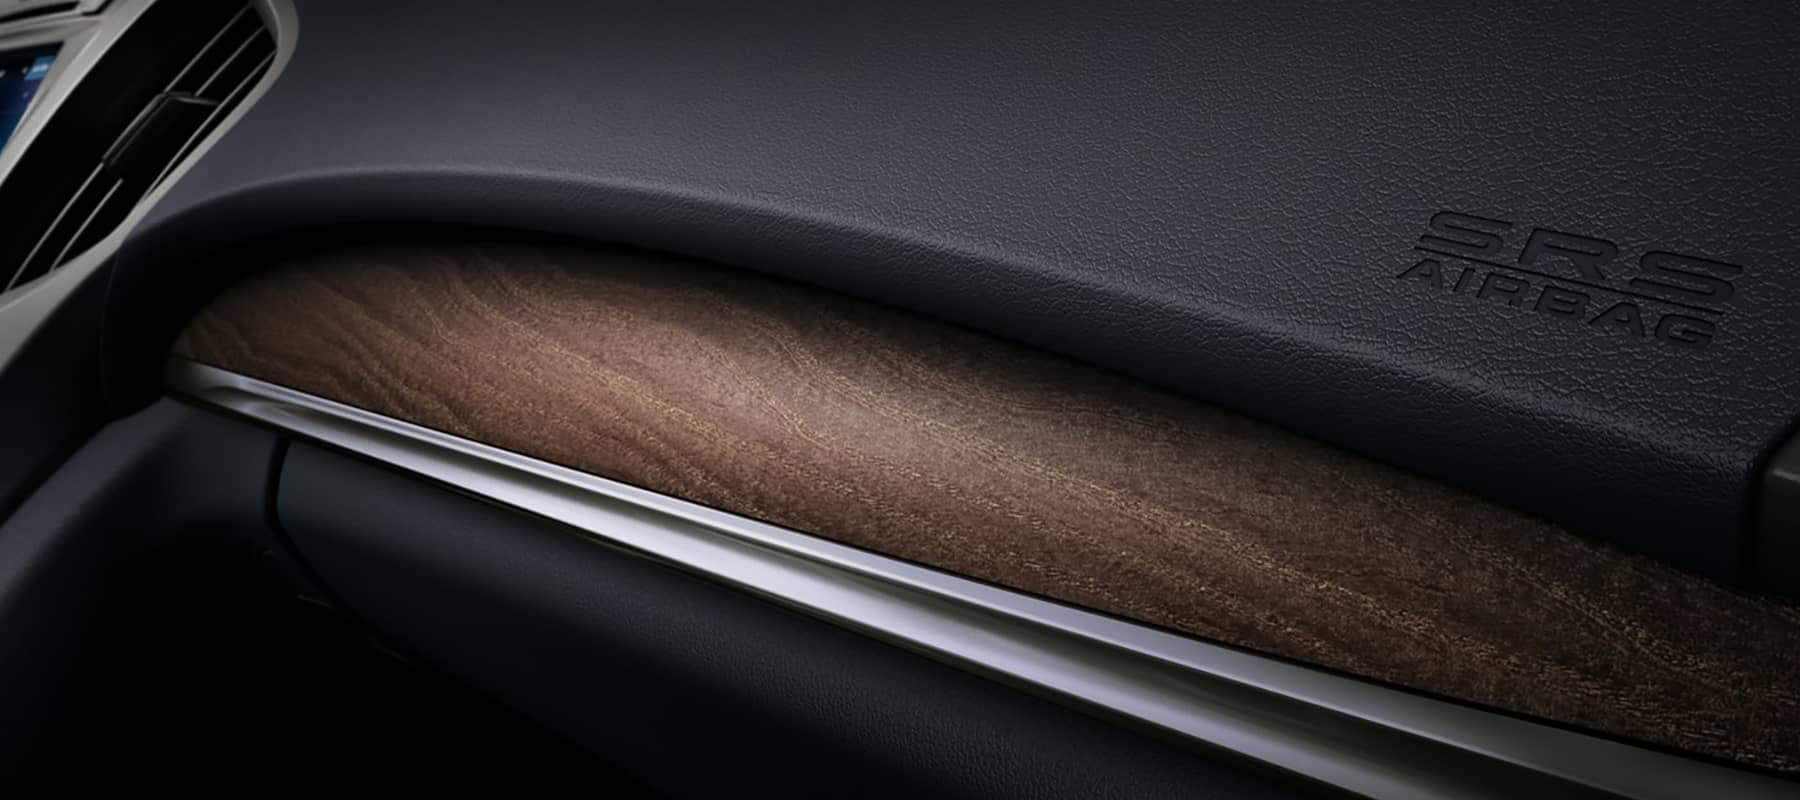 2019 Acura MDX Interior Materials